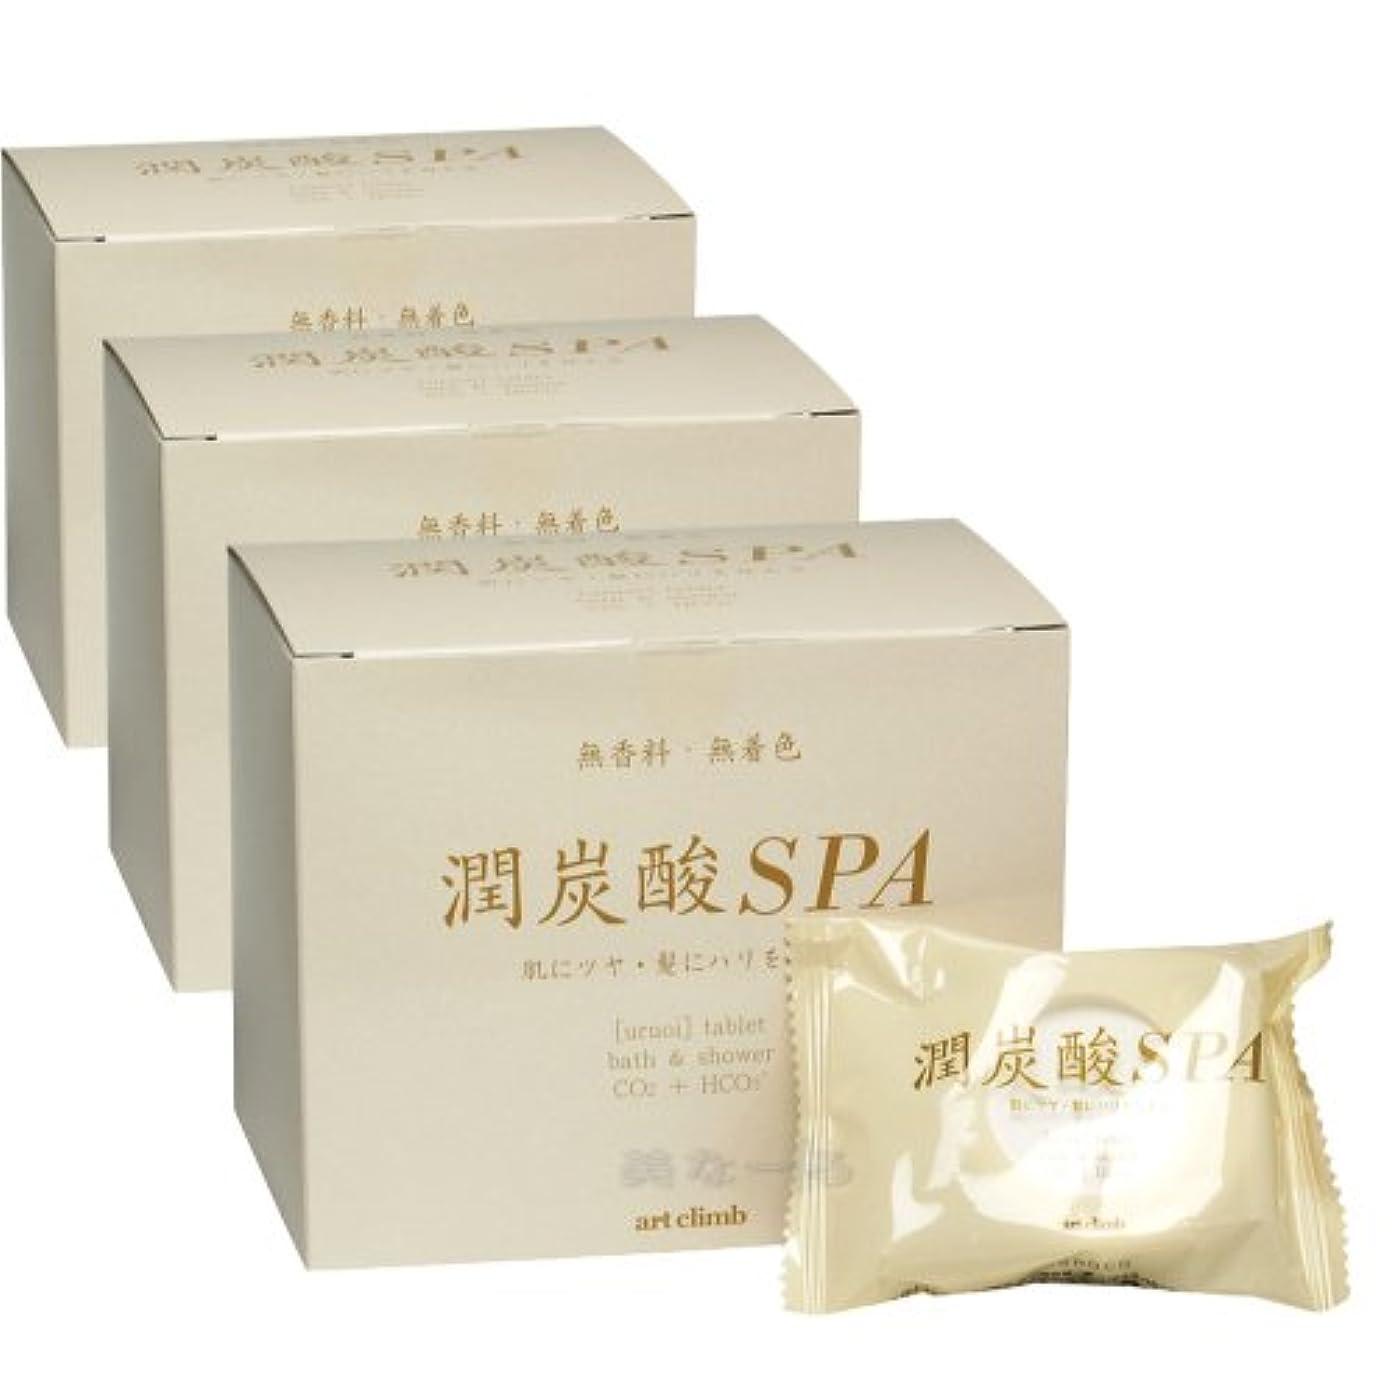 合理化鯨人柄潤炭酸SPA(うるおい炭酸SPA) 60g×10錠入 3個セット